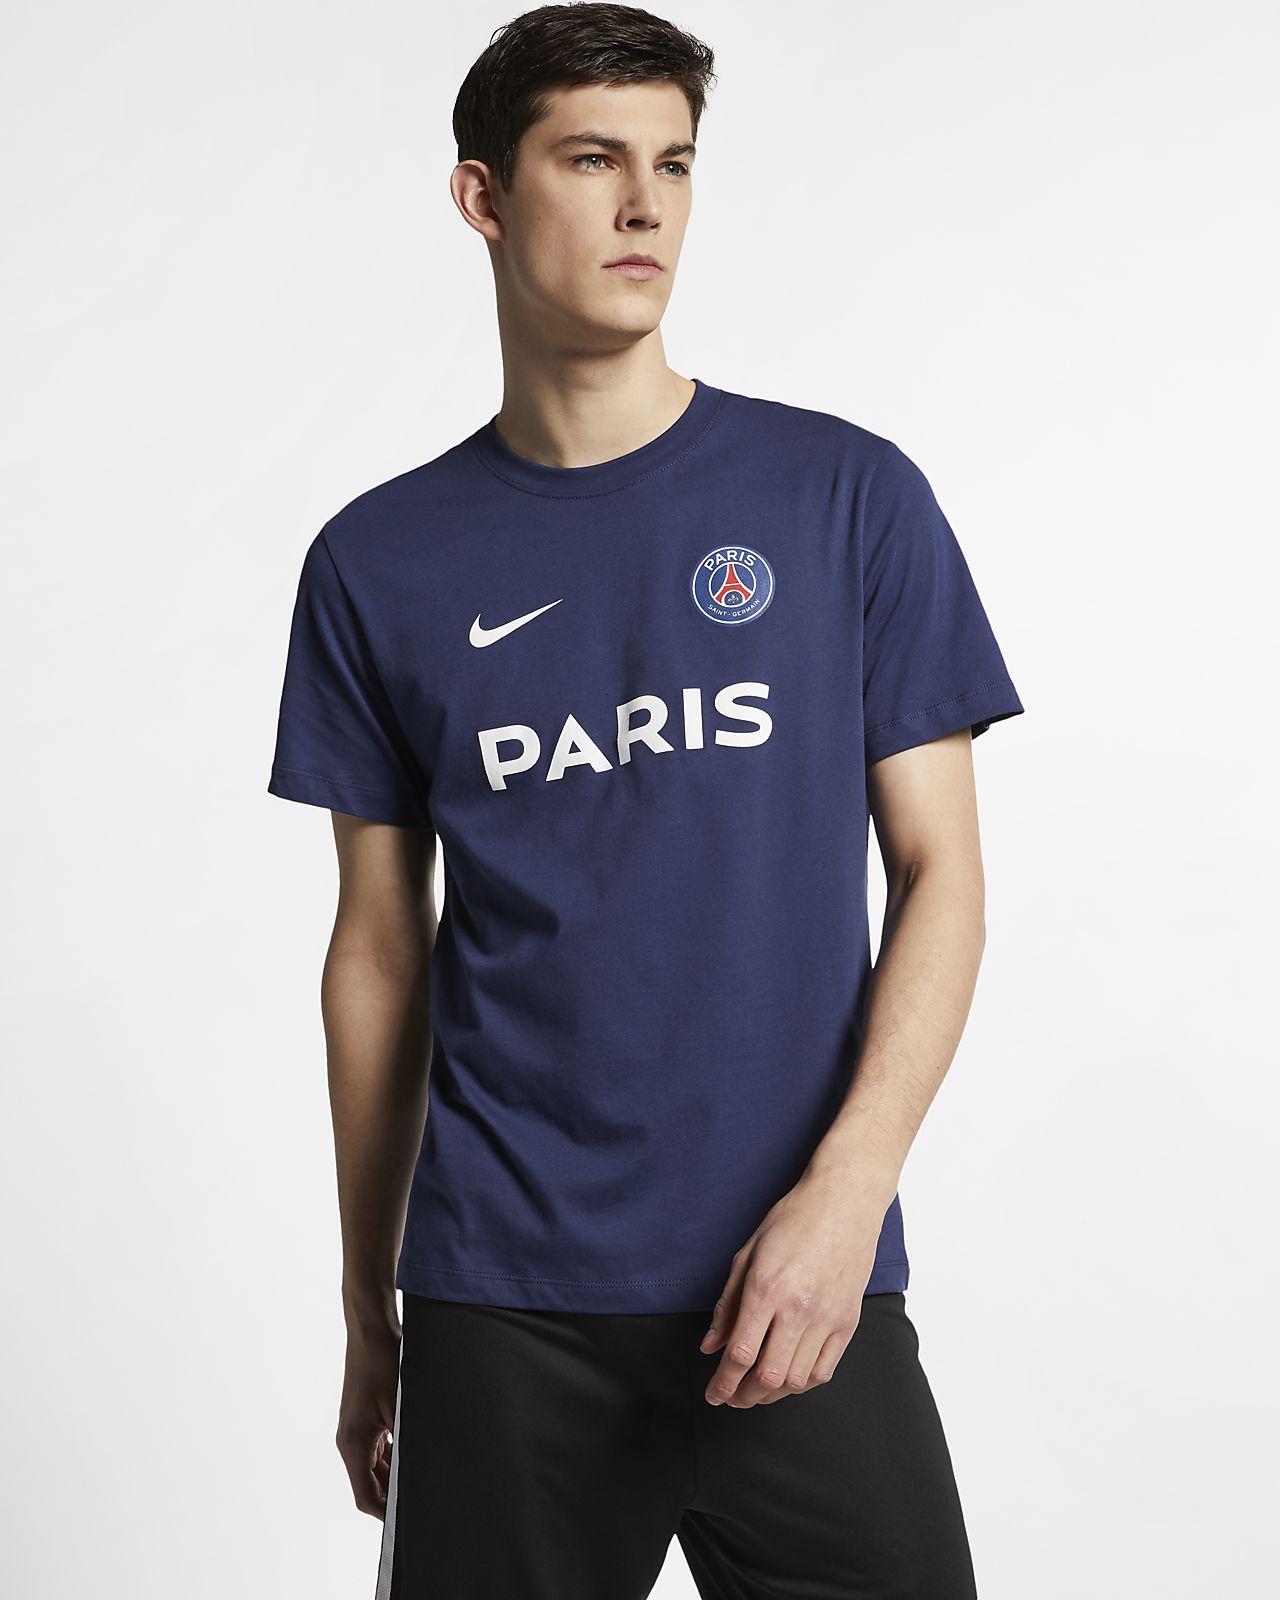 T-shirt PSG - Uomo